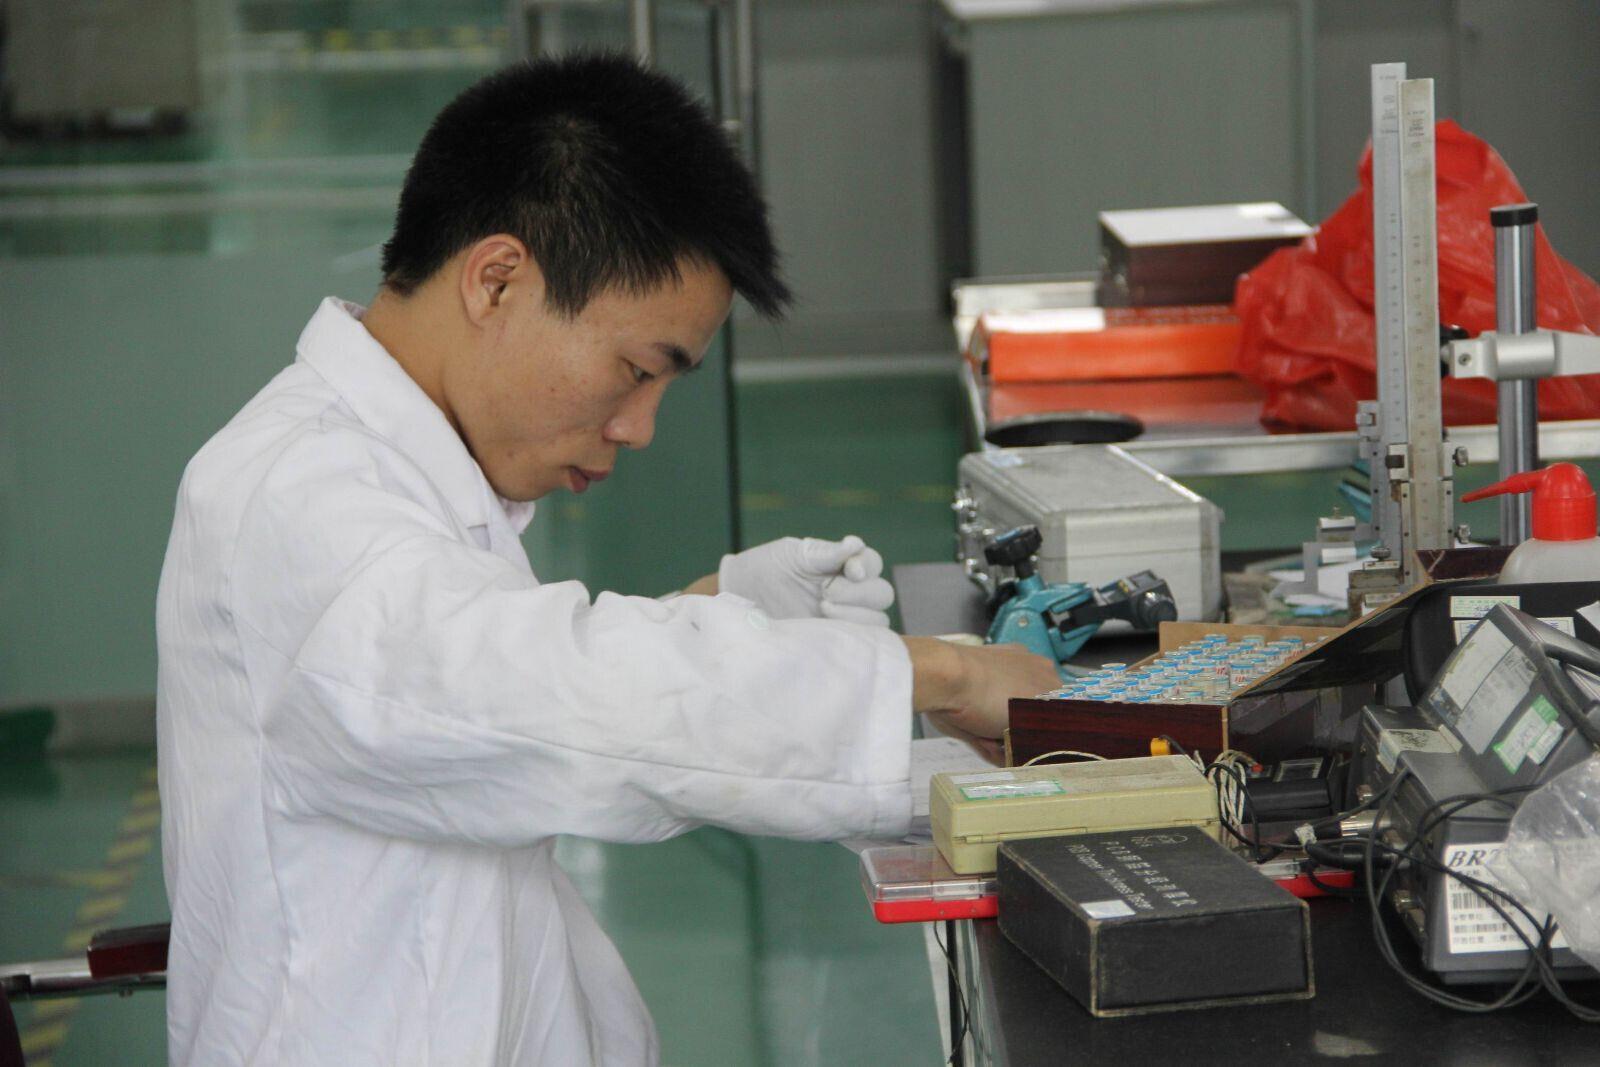 廊坊广阳容器校准-容器校正-容器校验-满足体系认证需求